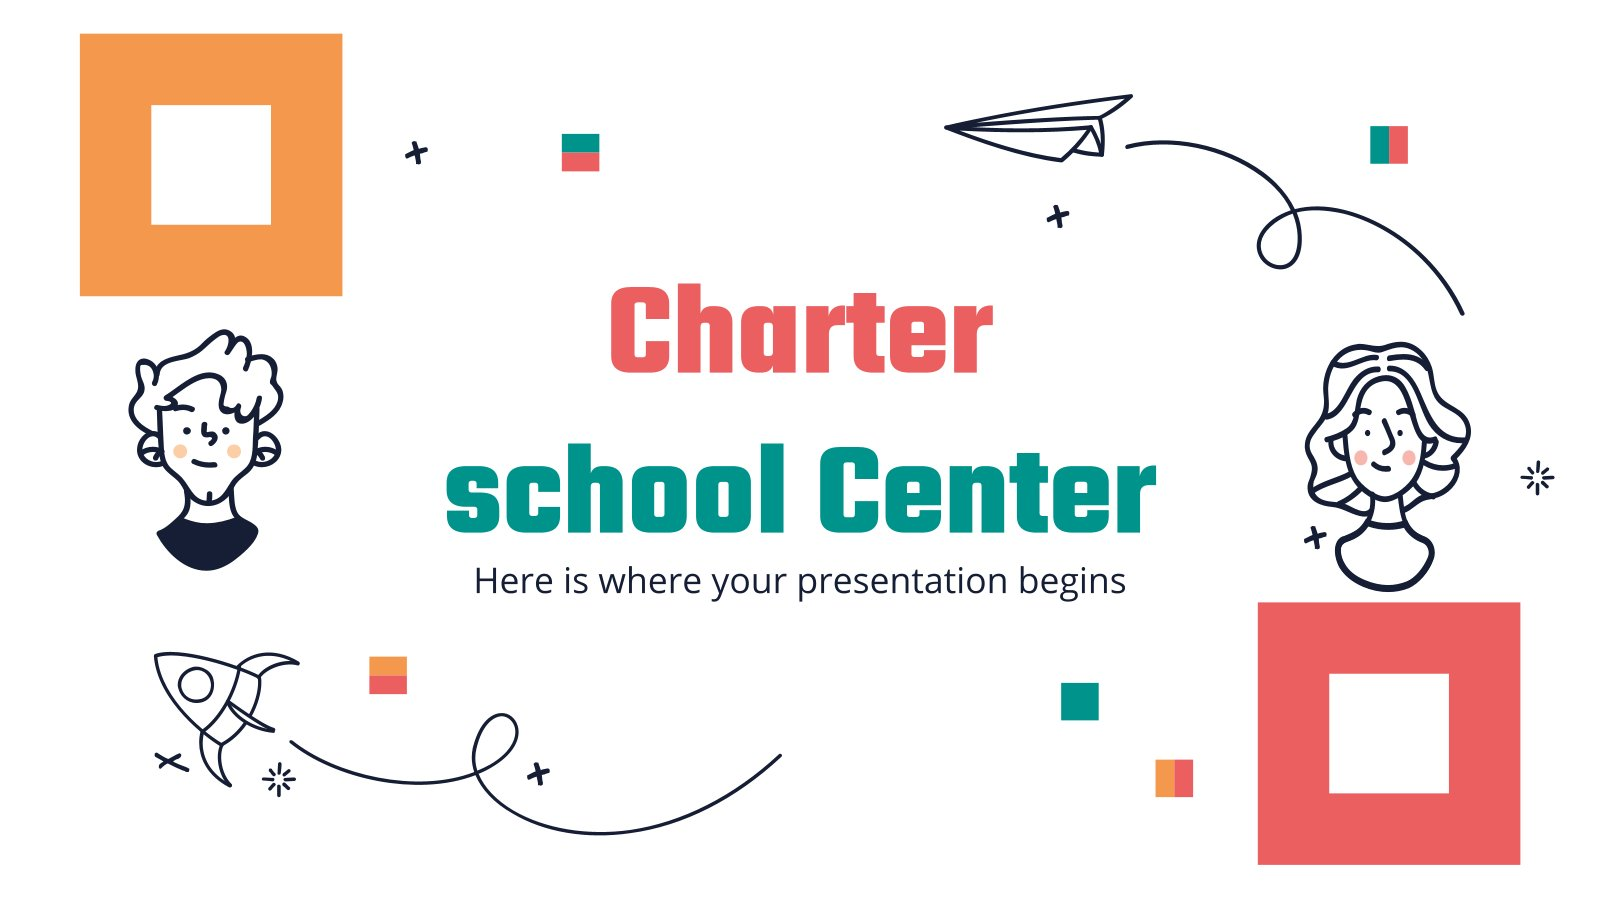 Modelo de apresentação Centro escolar Charter